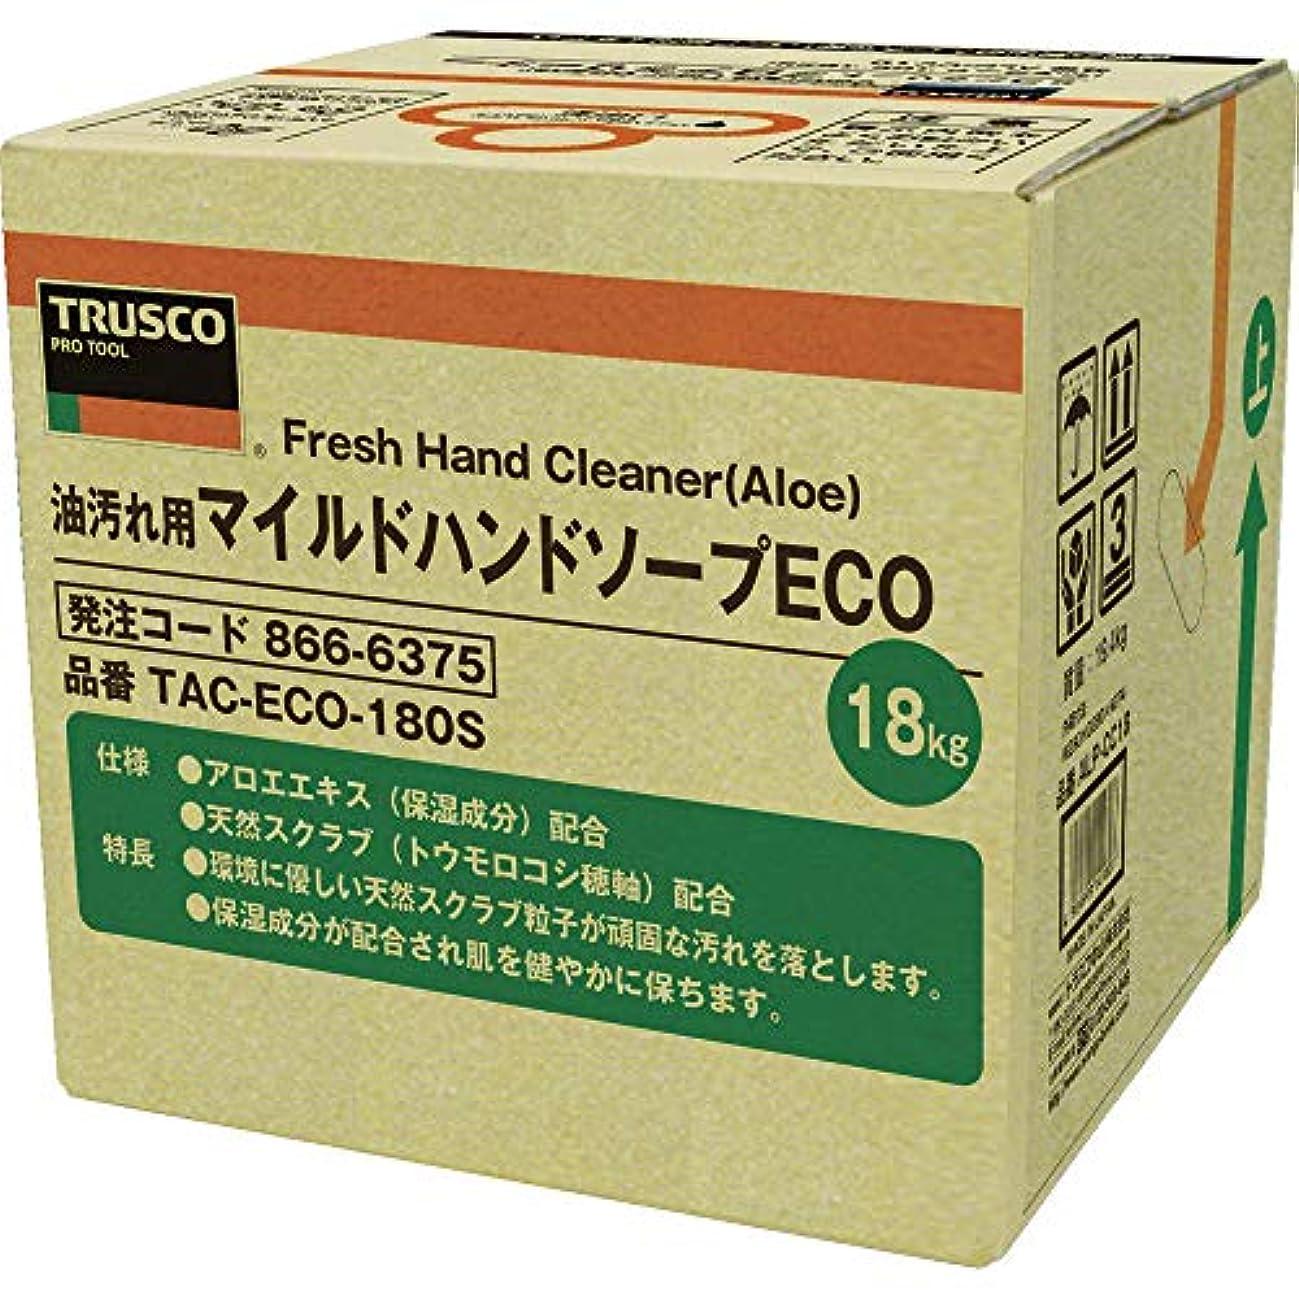 ドラッグ貨物宮殿TRUSCO(トラスコ) マイルドハンドソープ ECO 18L 詰替 バッグインボックス TACECO180S